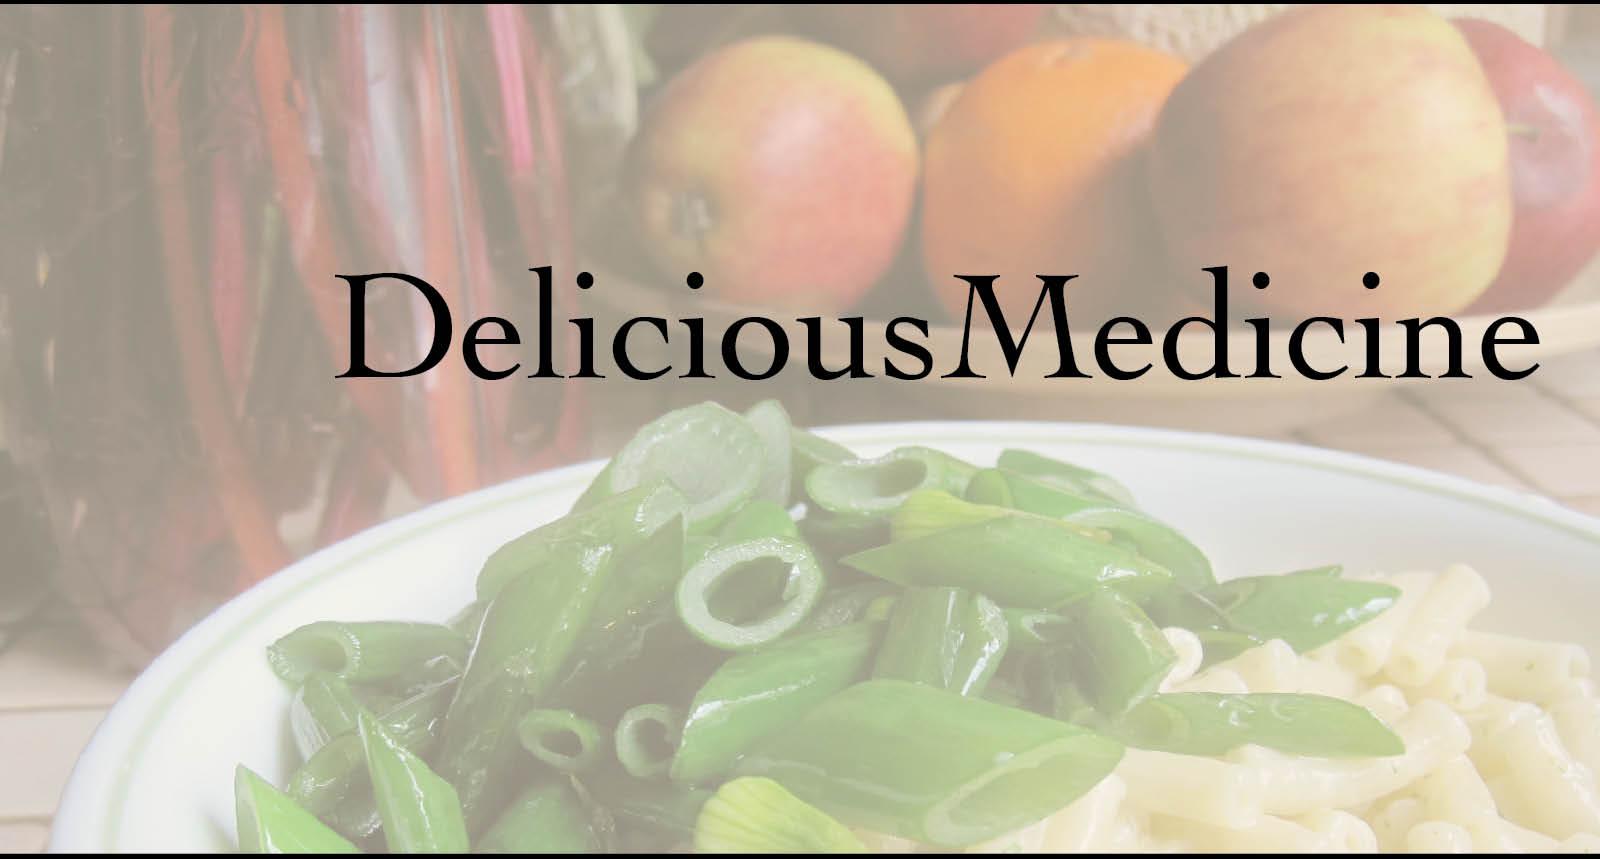 DeliciousMedicine